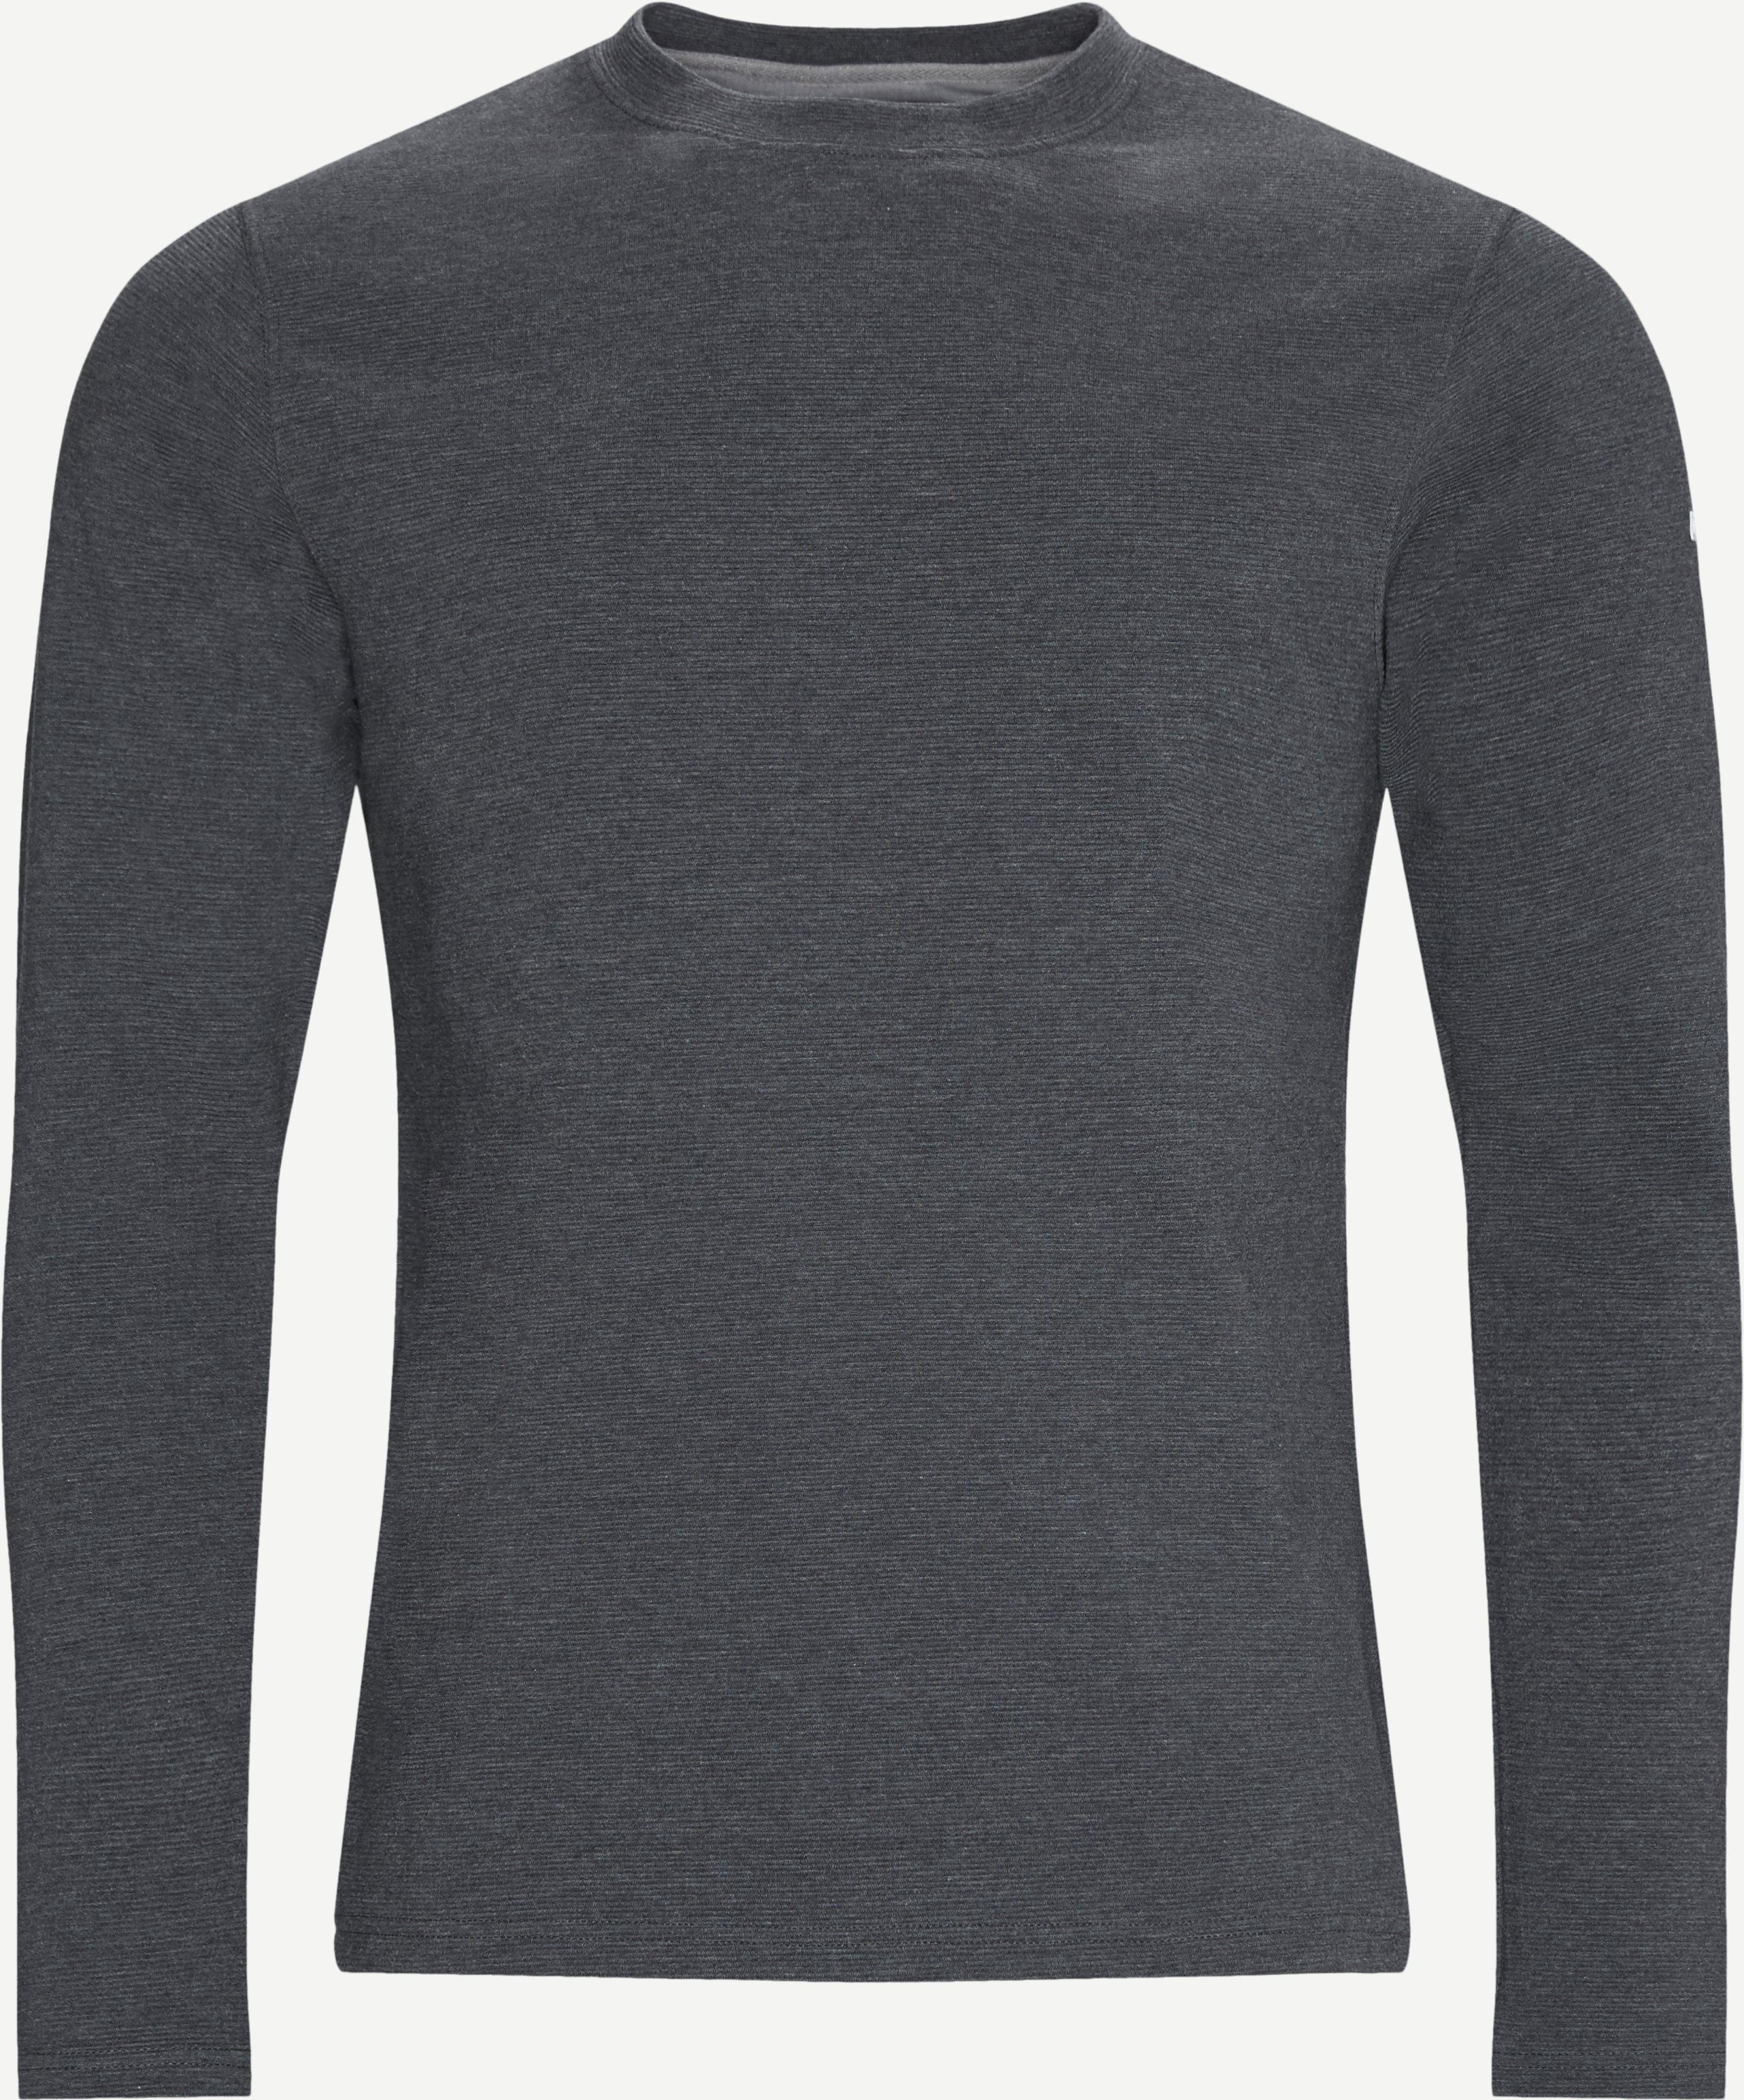 Heitur Sweatshirt - Sweatshirts - Regular fit - Grå